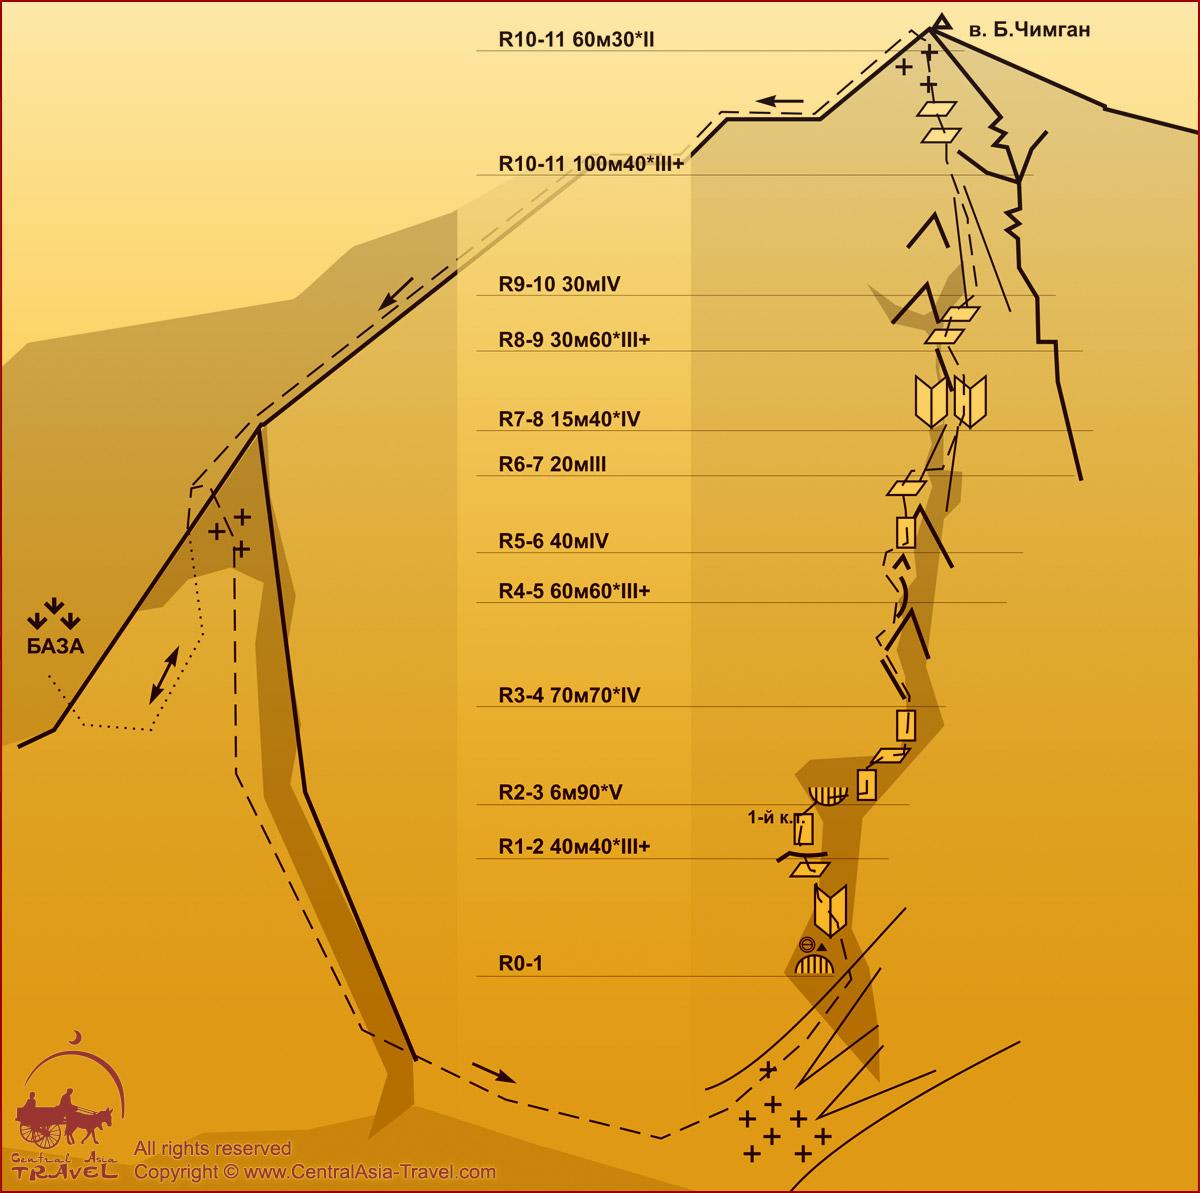 Схема маршрута - Южная стена Западного гребня (Бельдерсай) 4А